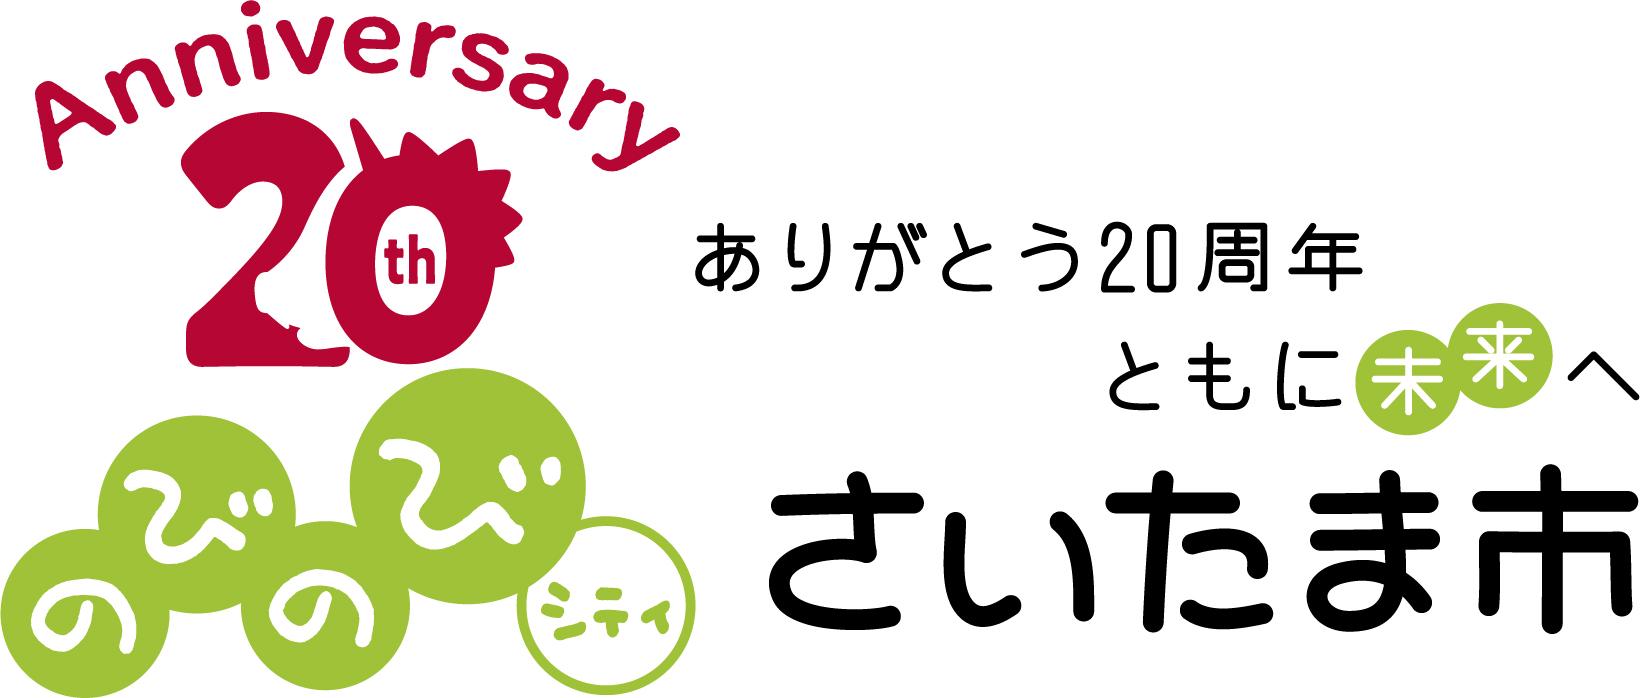 【5月1日は「さいたま市民の日」】使用料が無料になる施設一覧/さいたま市誕生20周年記念フェアも開催